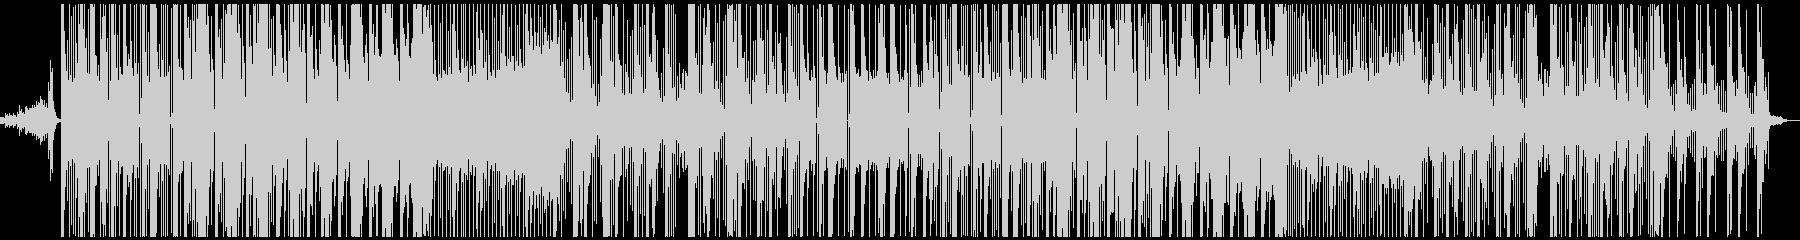 シンプルな最近のヒップホップトラックの未再生の波形